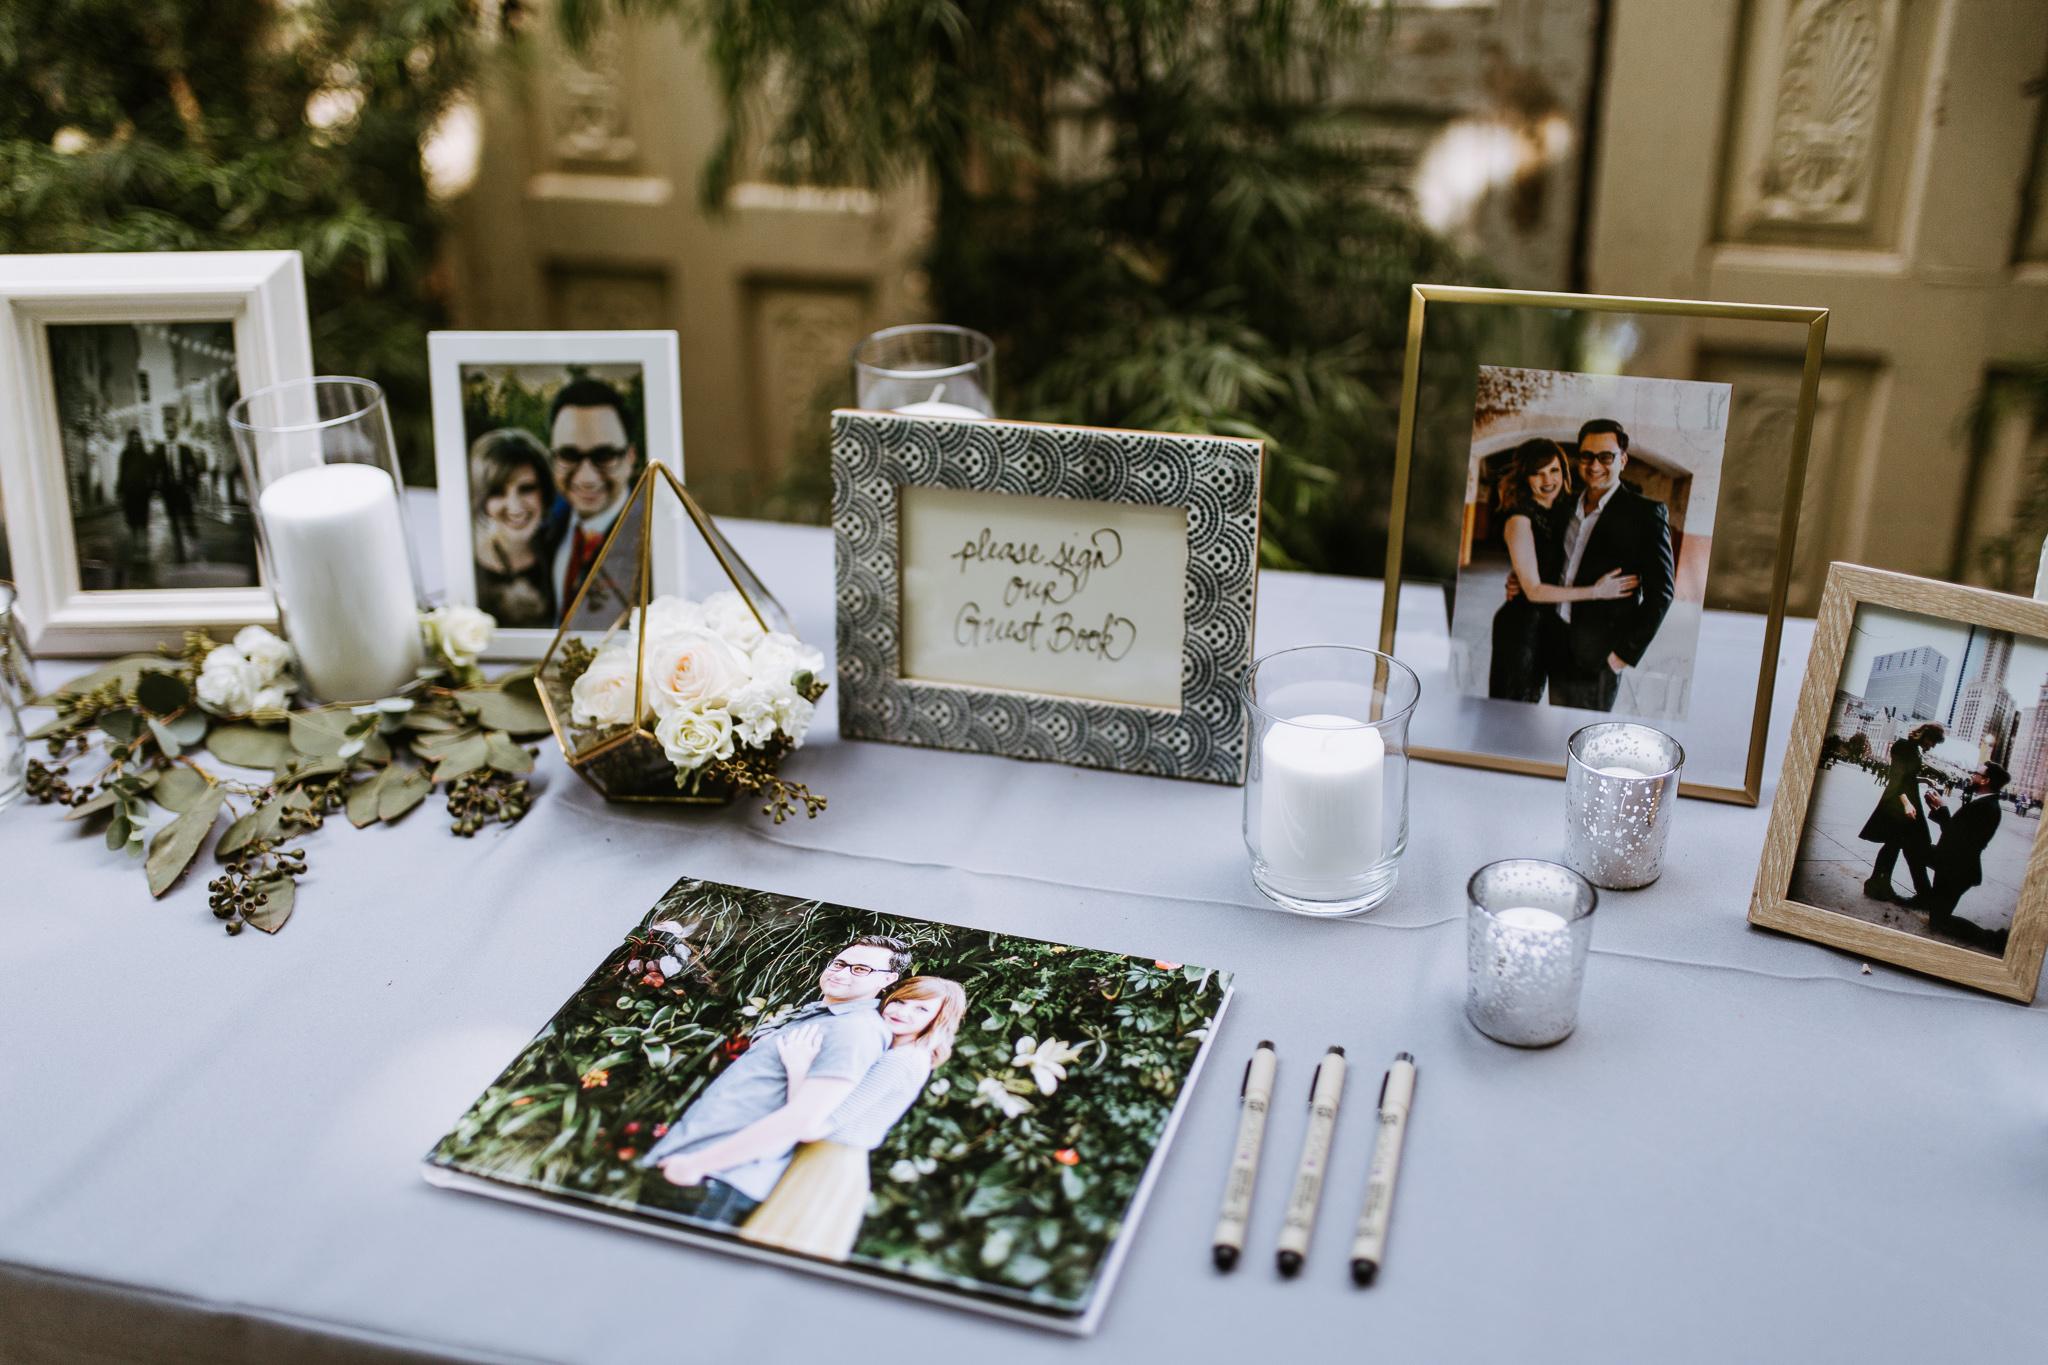 BayArea-Wedding-Photographer-15.jpg